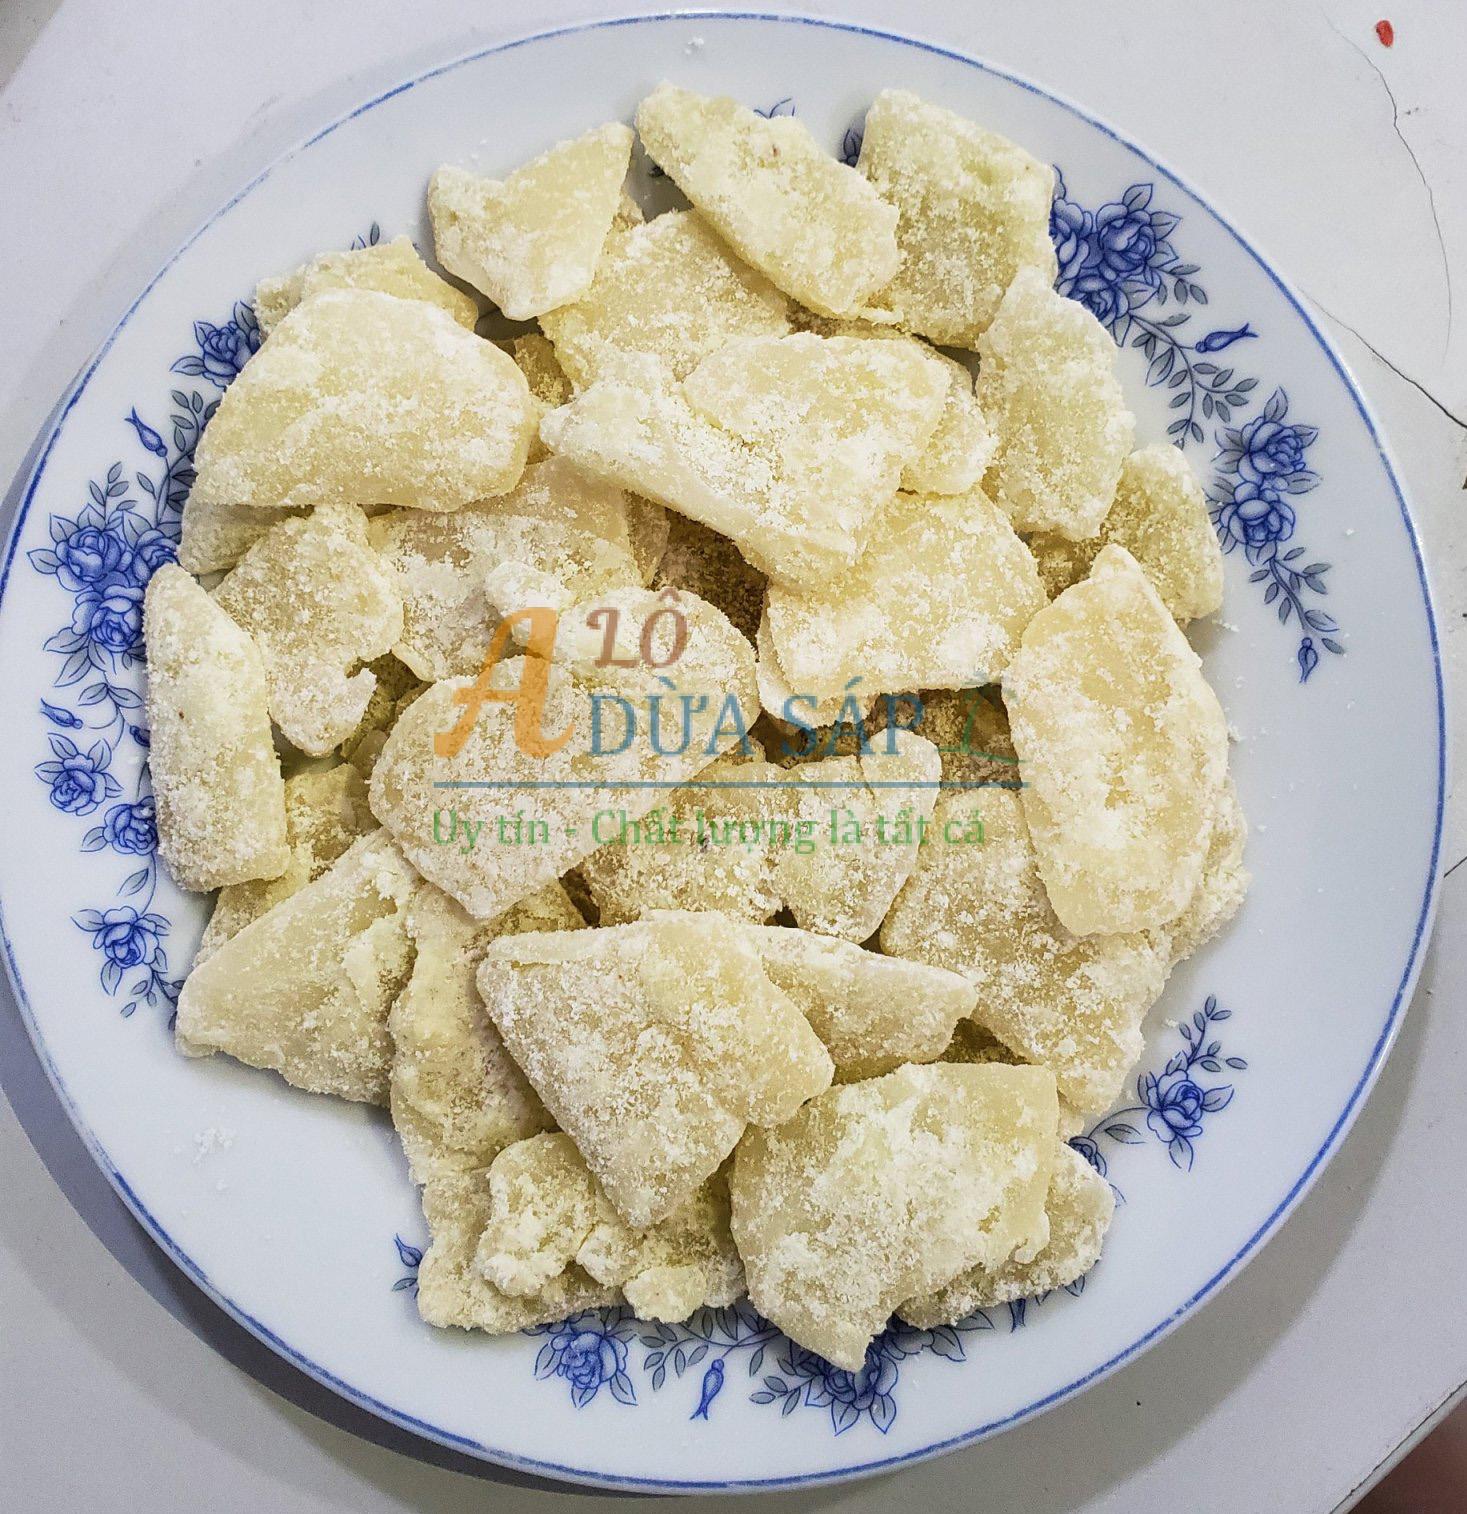 Mứt dừa sáp đường phèn ít ngọt không chất bảo quản